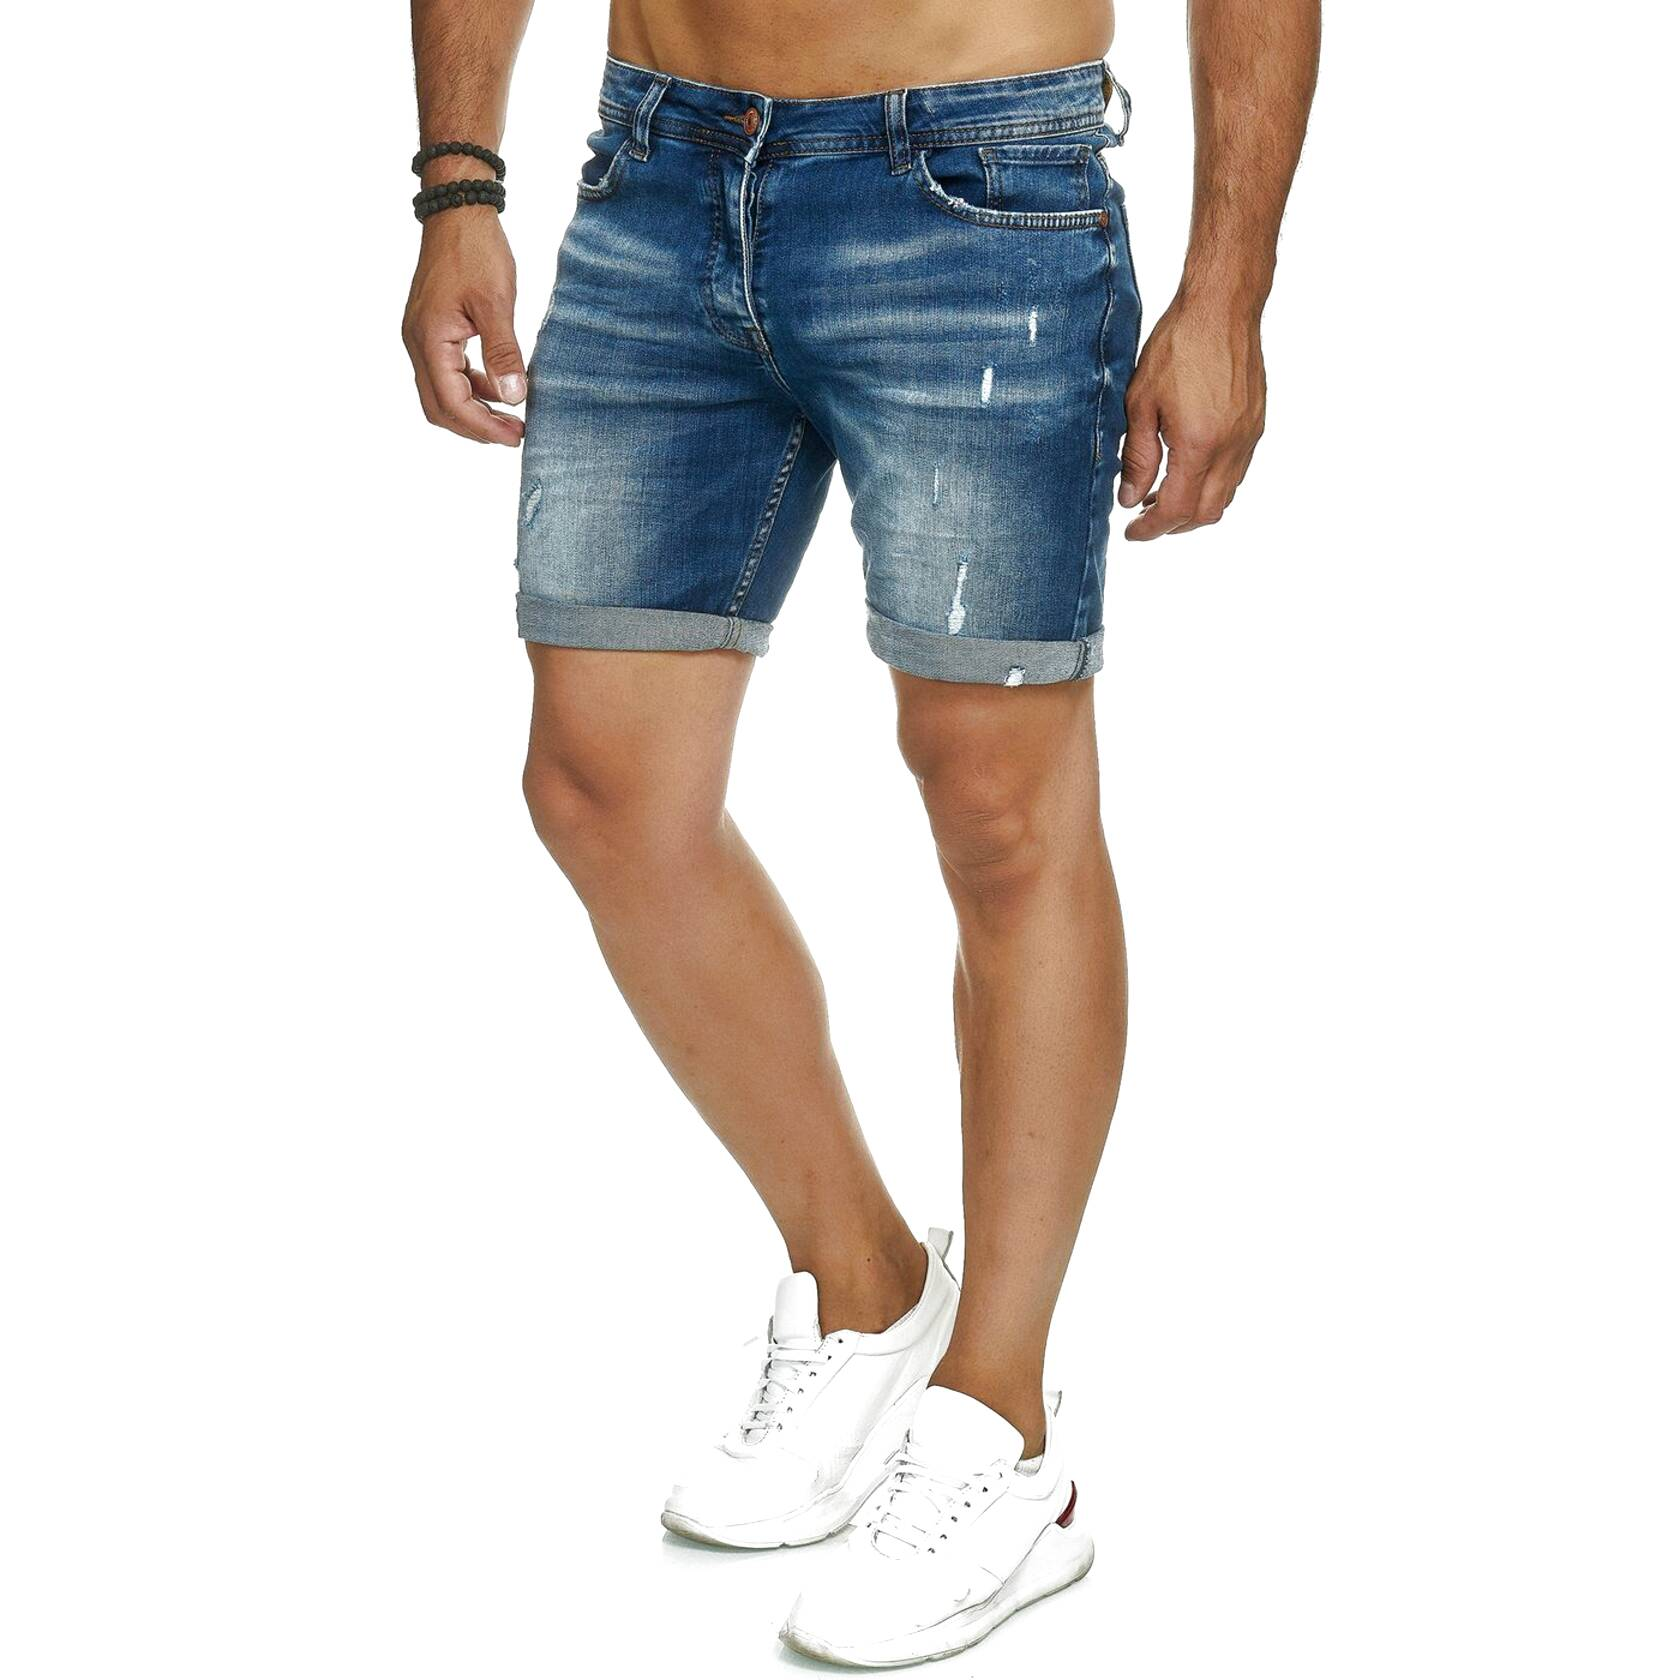 jeans shorts herren kurz gebraucht kaufen